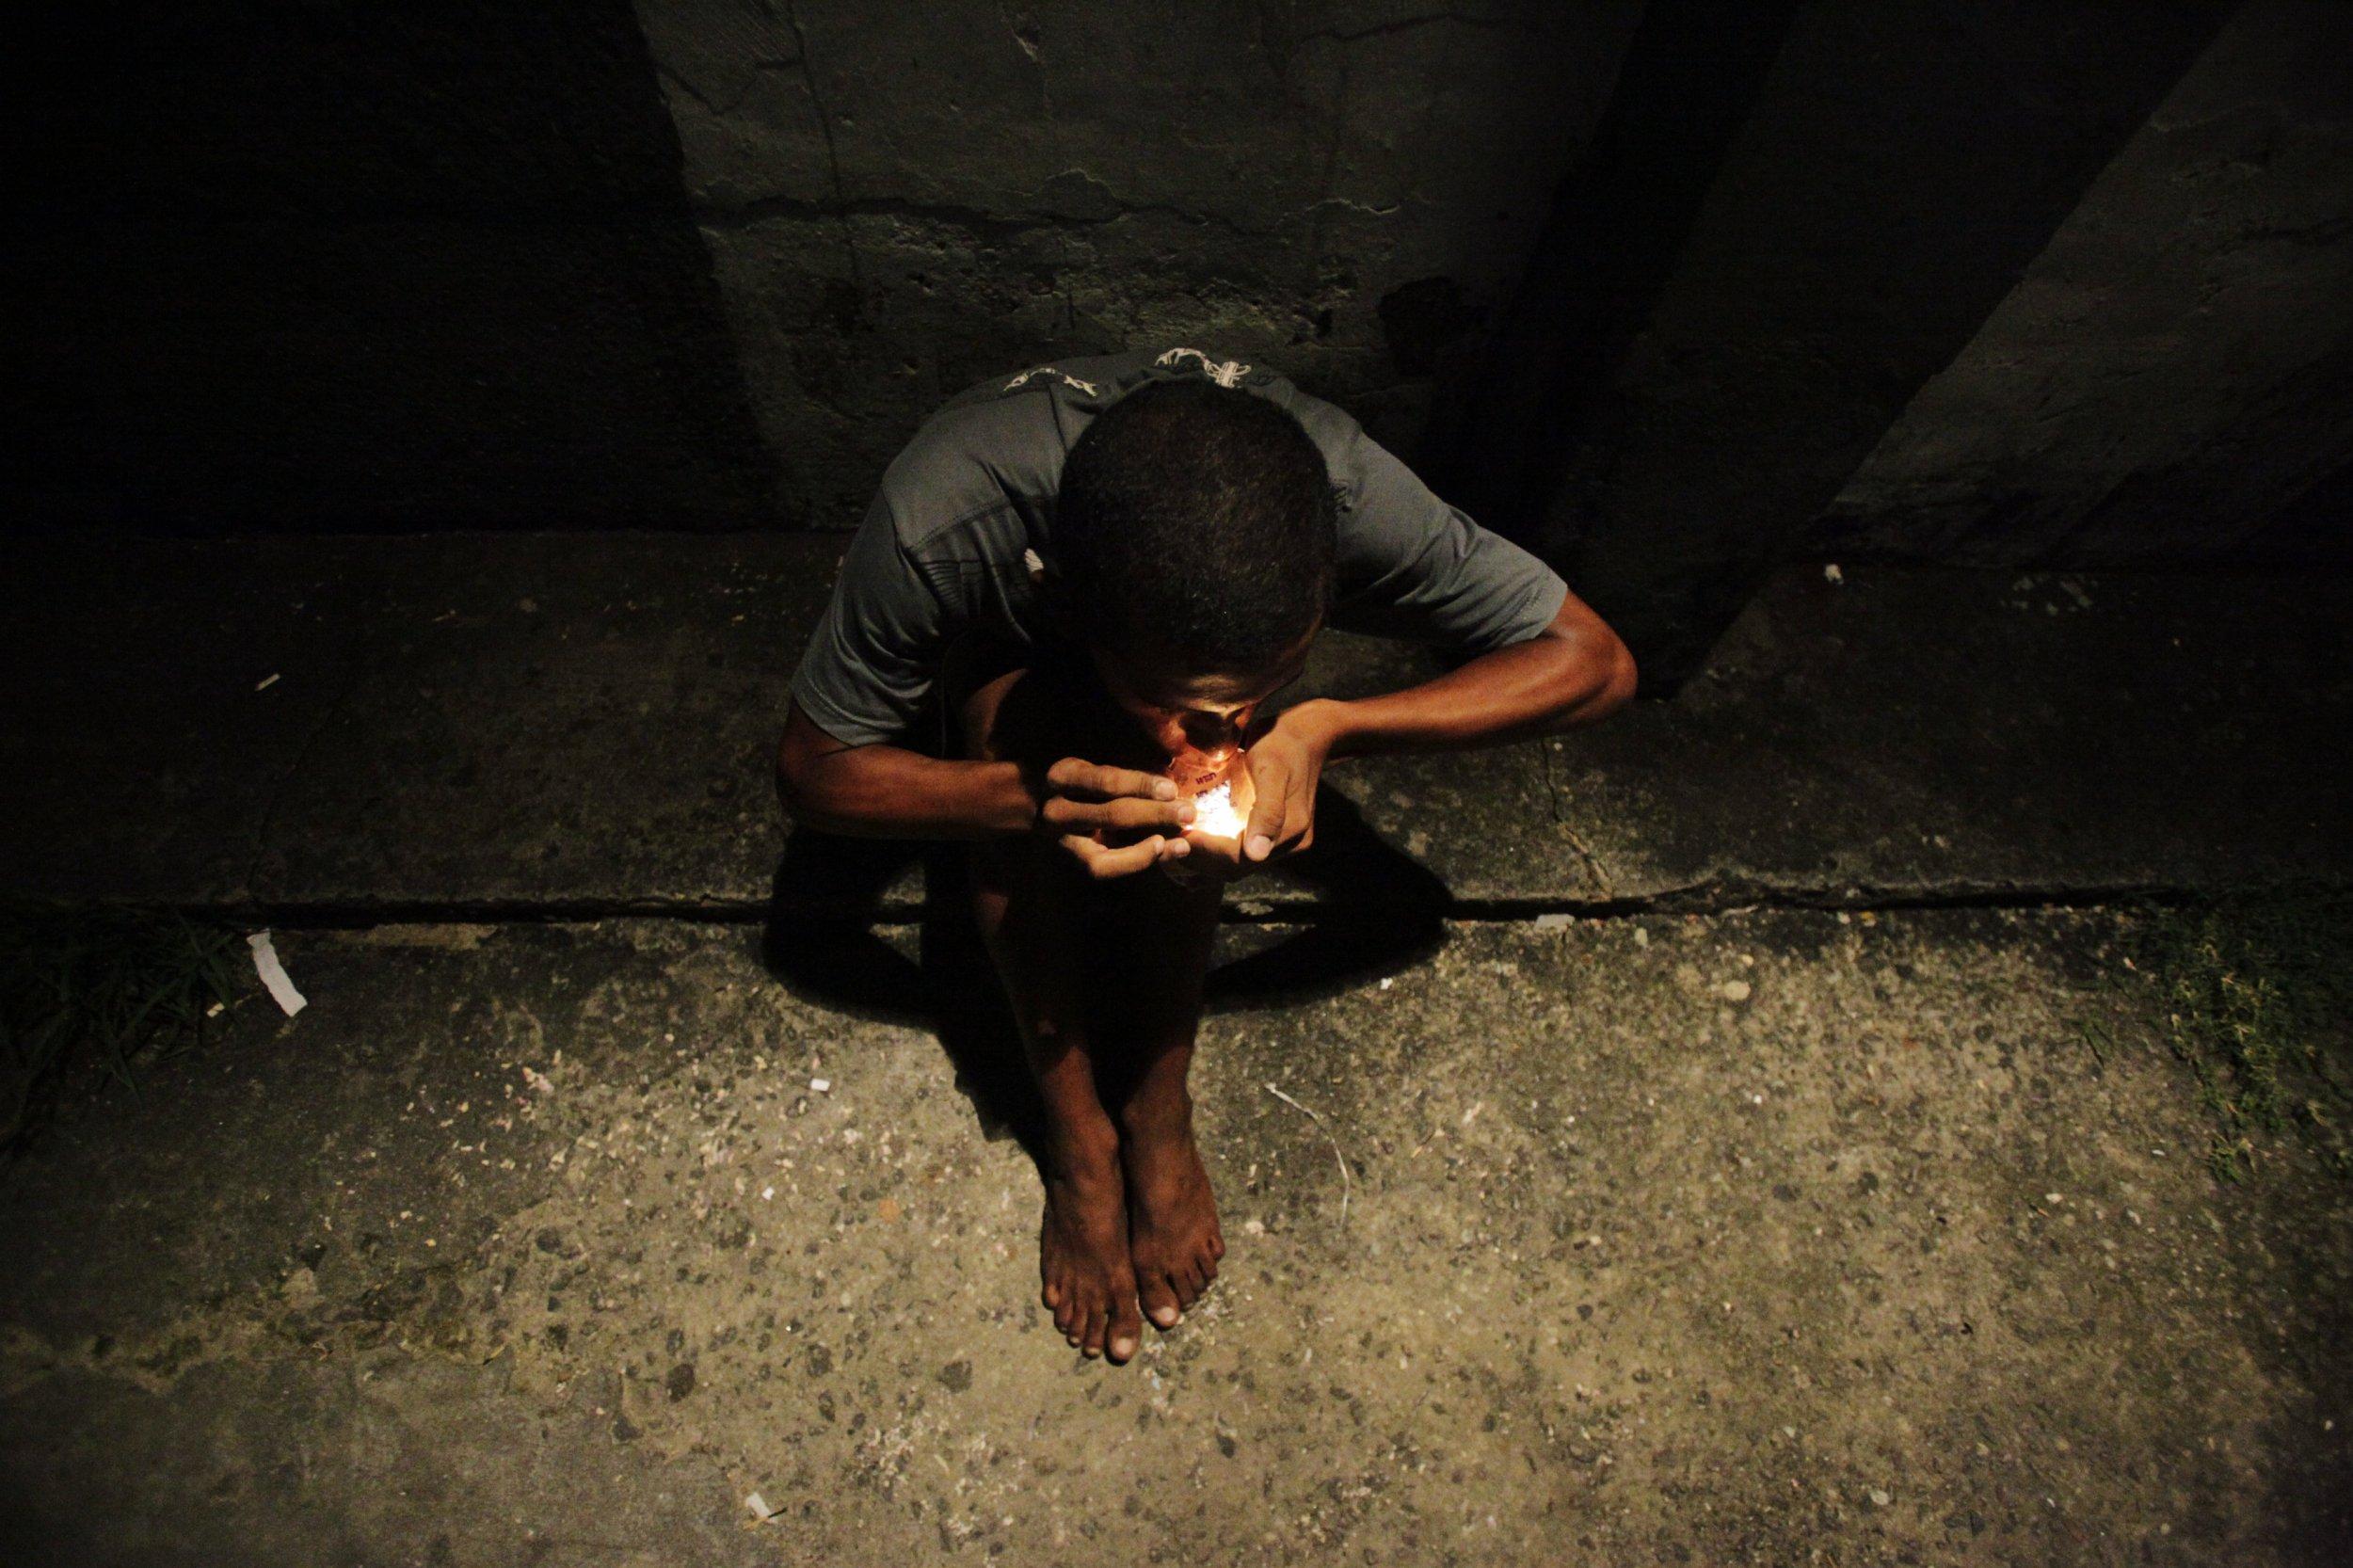 drug-abuse-crack-use